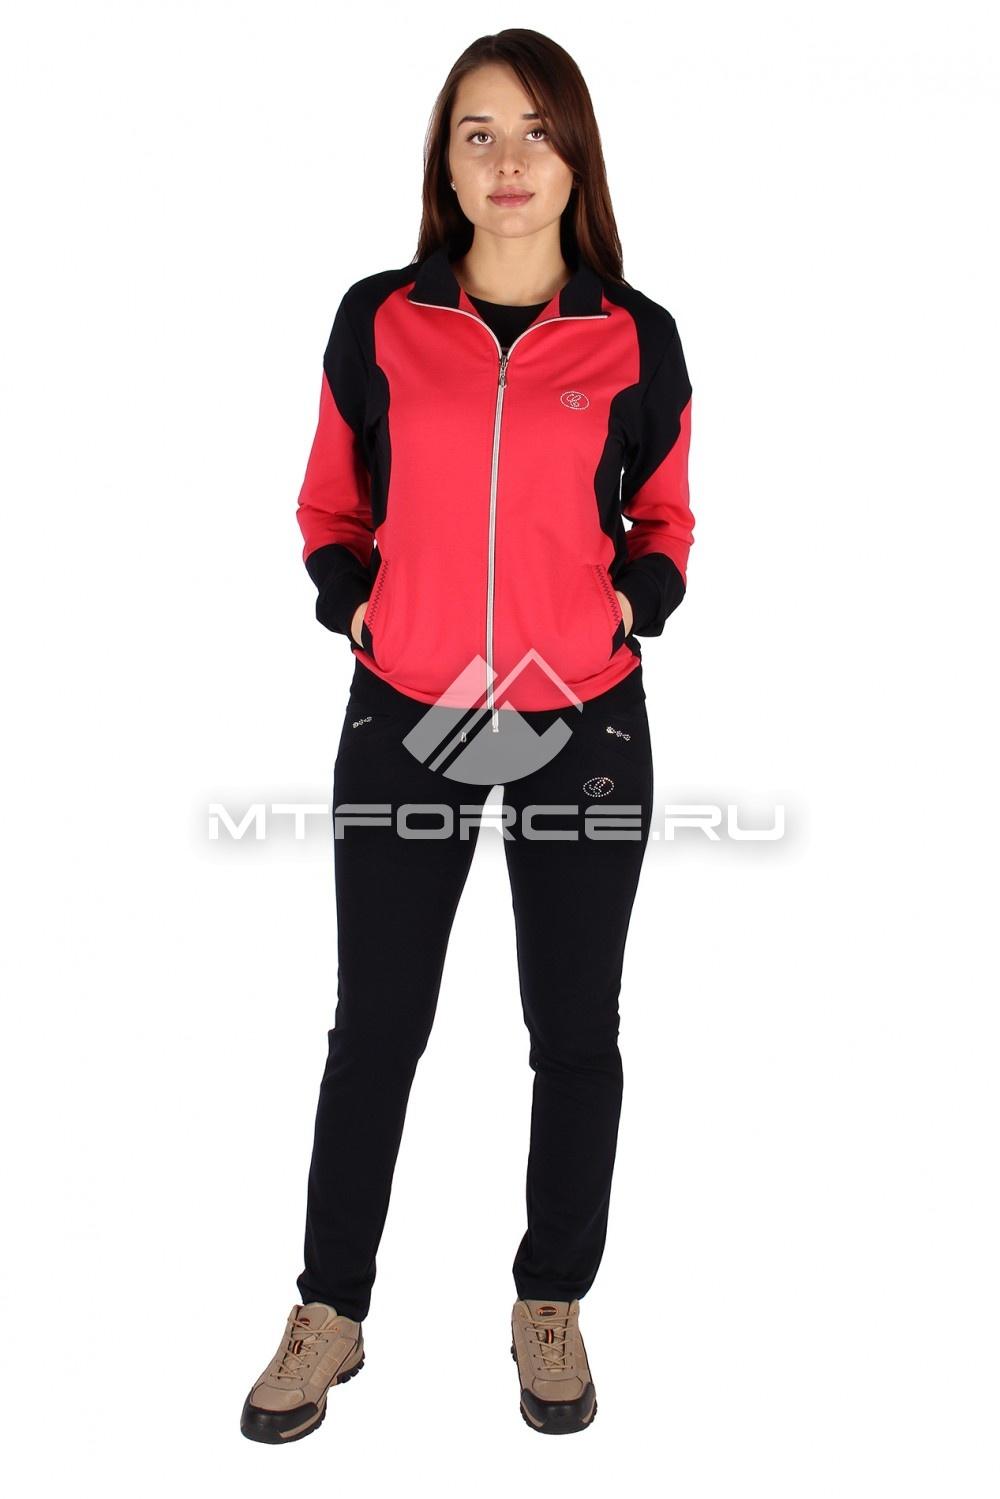 Купить                                  оптом Спортивный трикотажный костюм женский персикового цвета 0050P